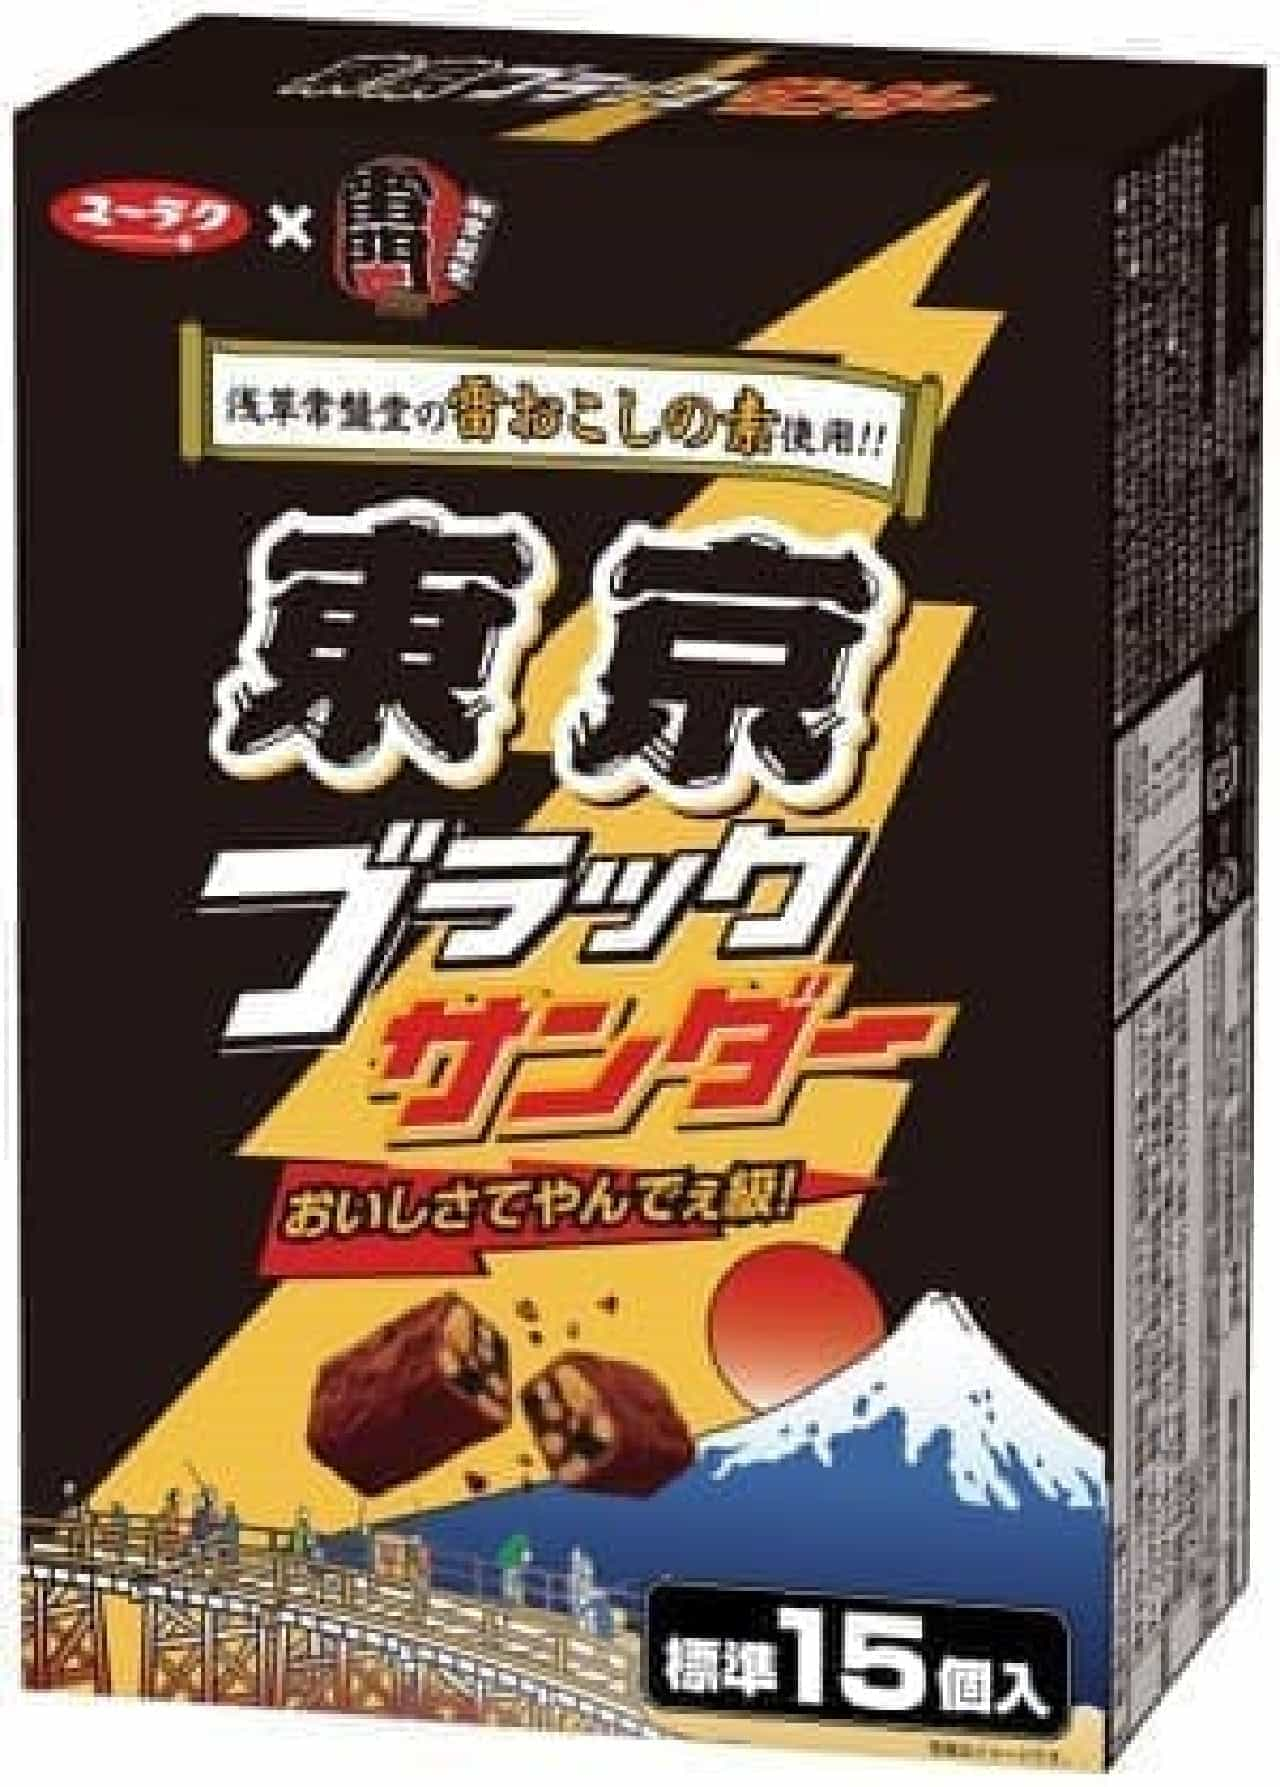 東京ブラックサンダー(東京土産)